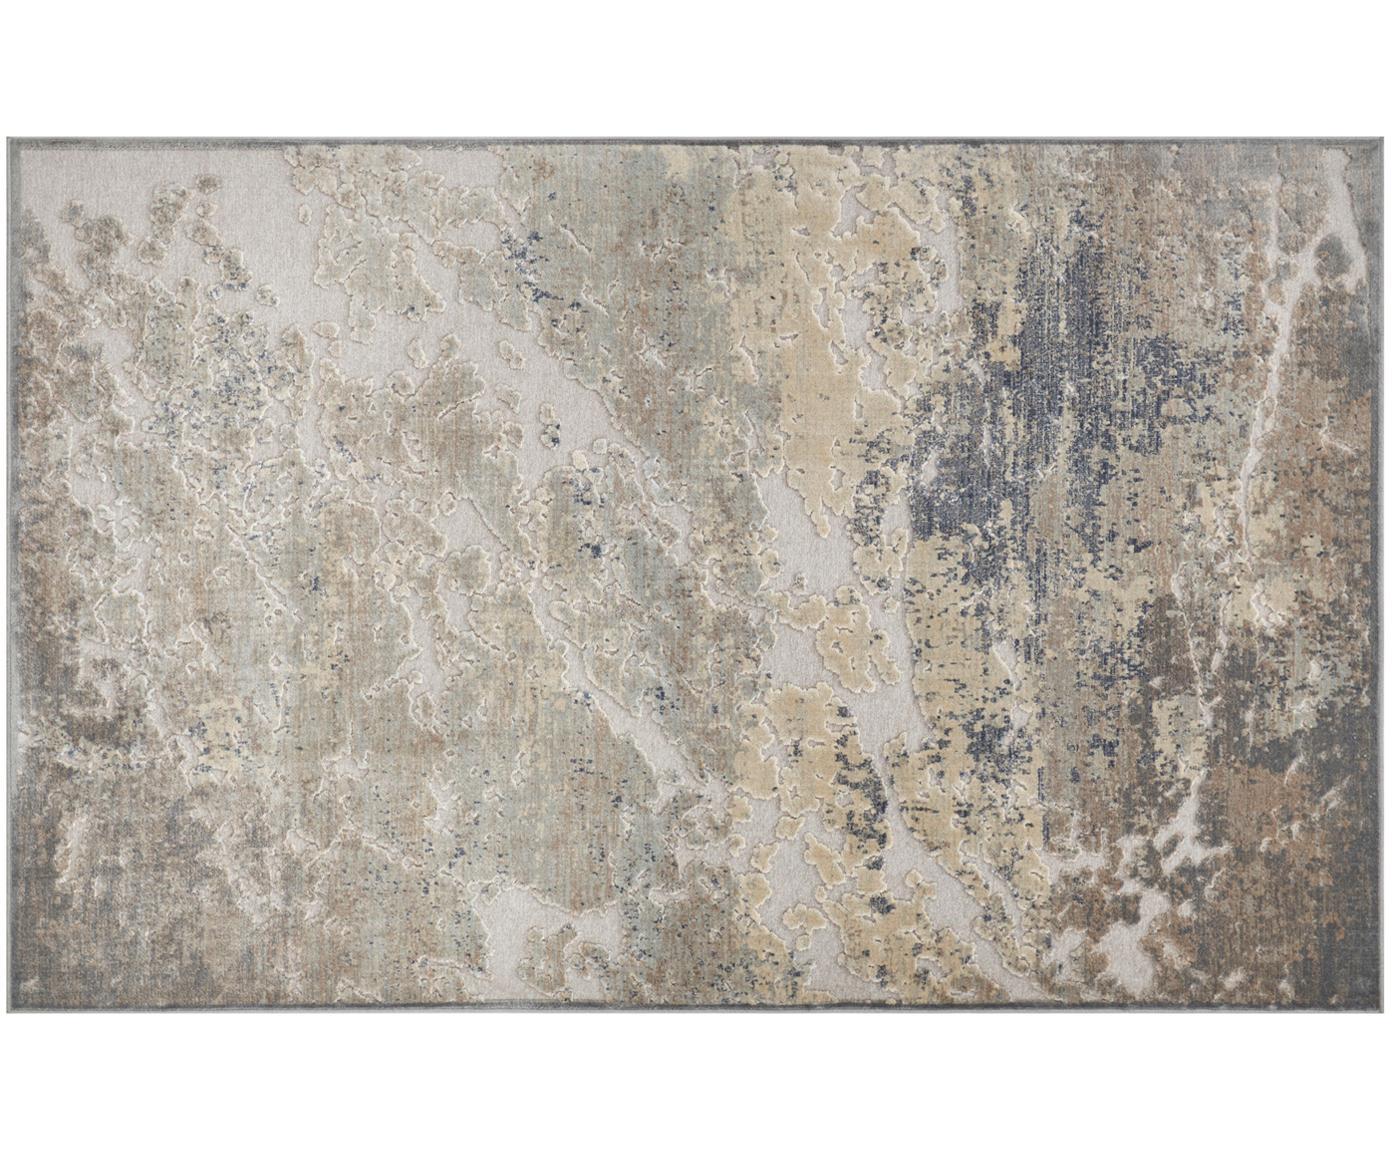 Viskose-Teppich Arroux mit Hoch-Tief-Effekt, Flor: 90% Viskose, 10% Polyeste, Grau, Silberfarben, B 80 x L 125 cm (Grösse XS)